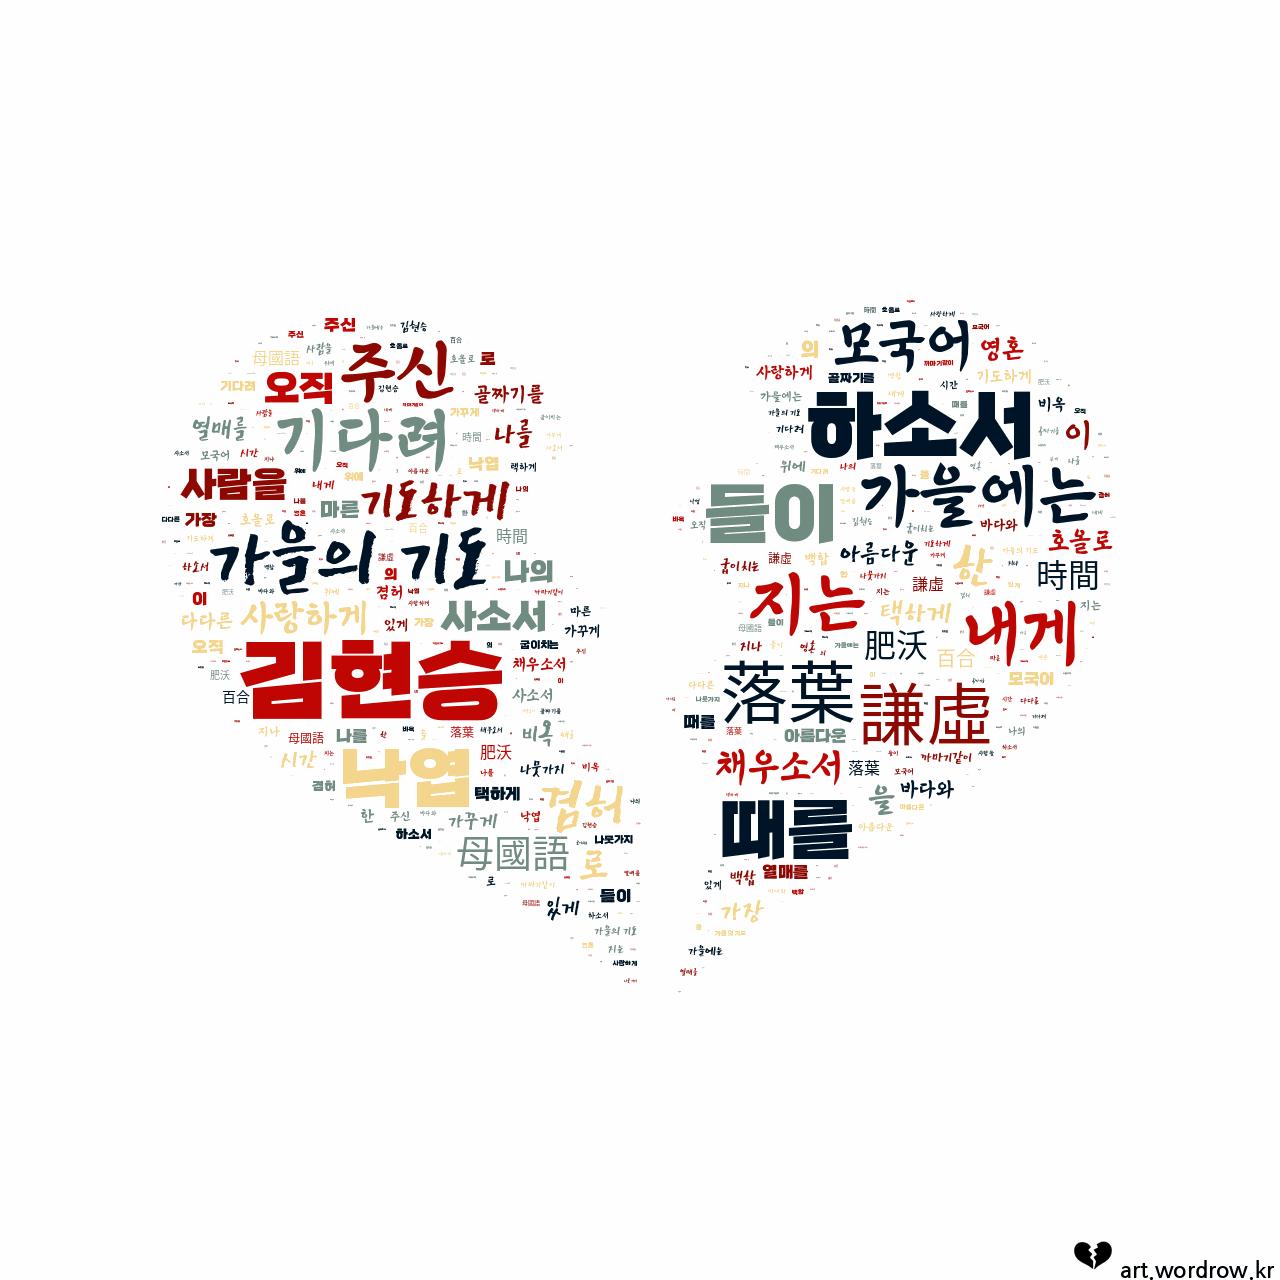 워드 클라우드: 가을의 기도 [김현승]-47